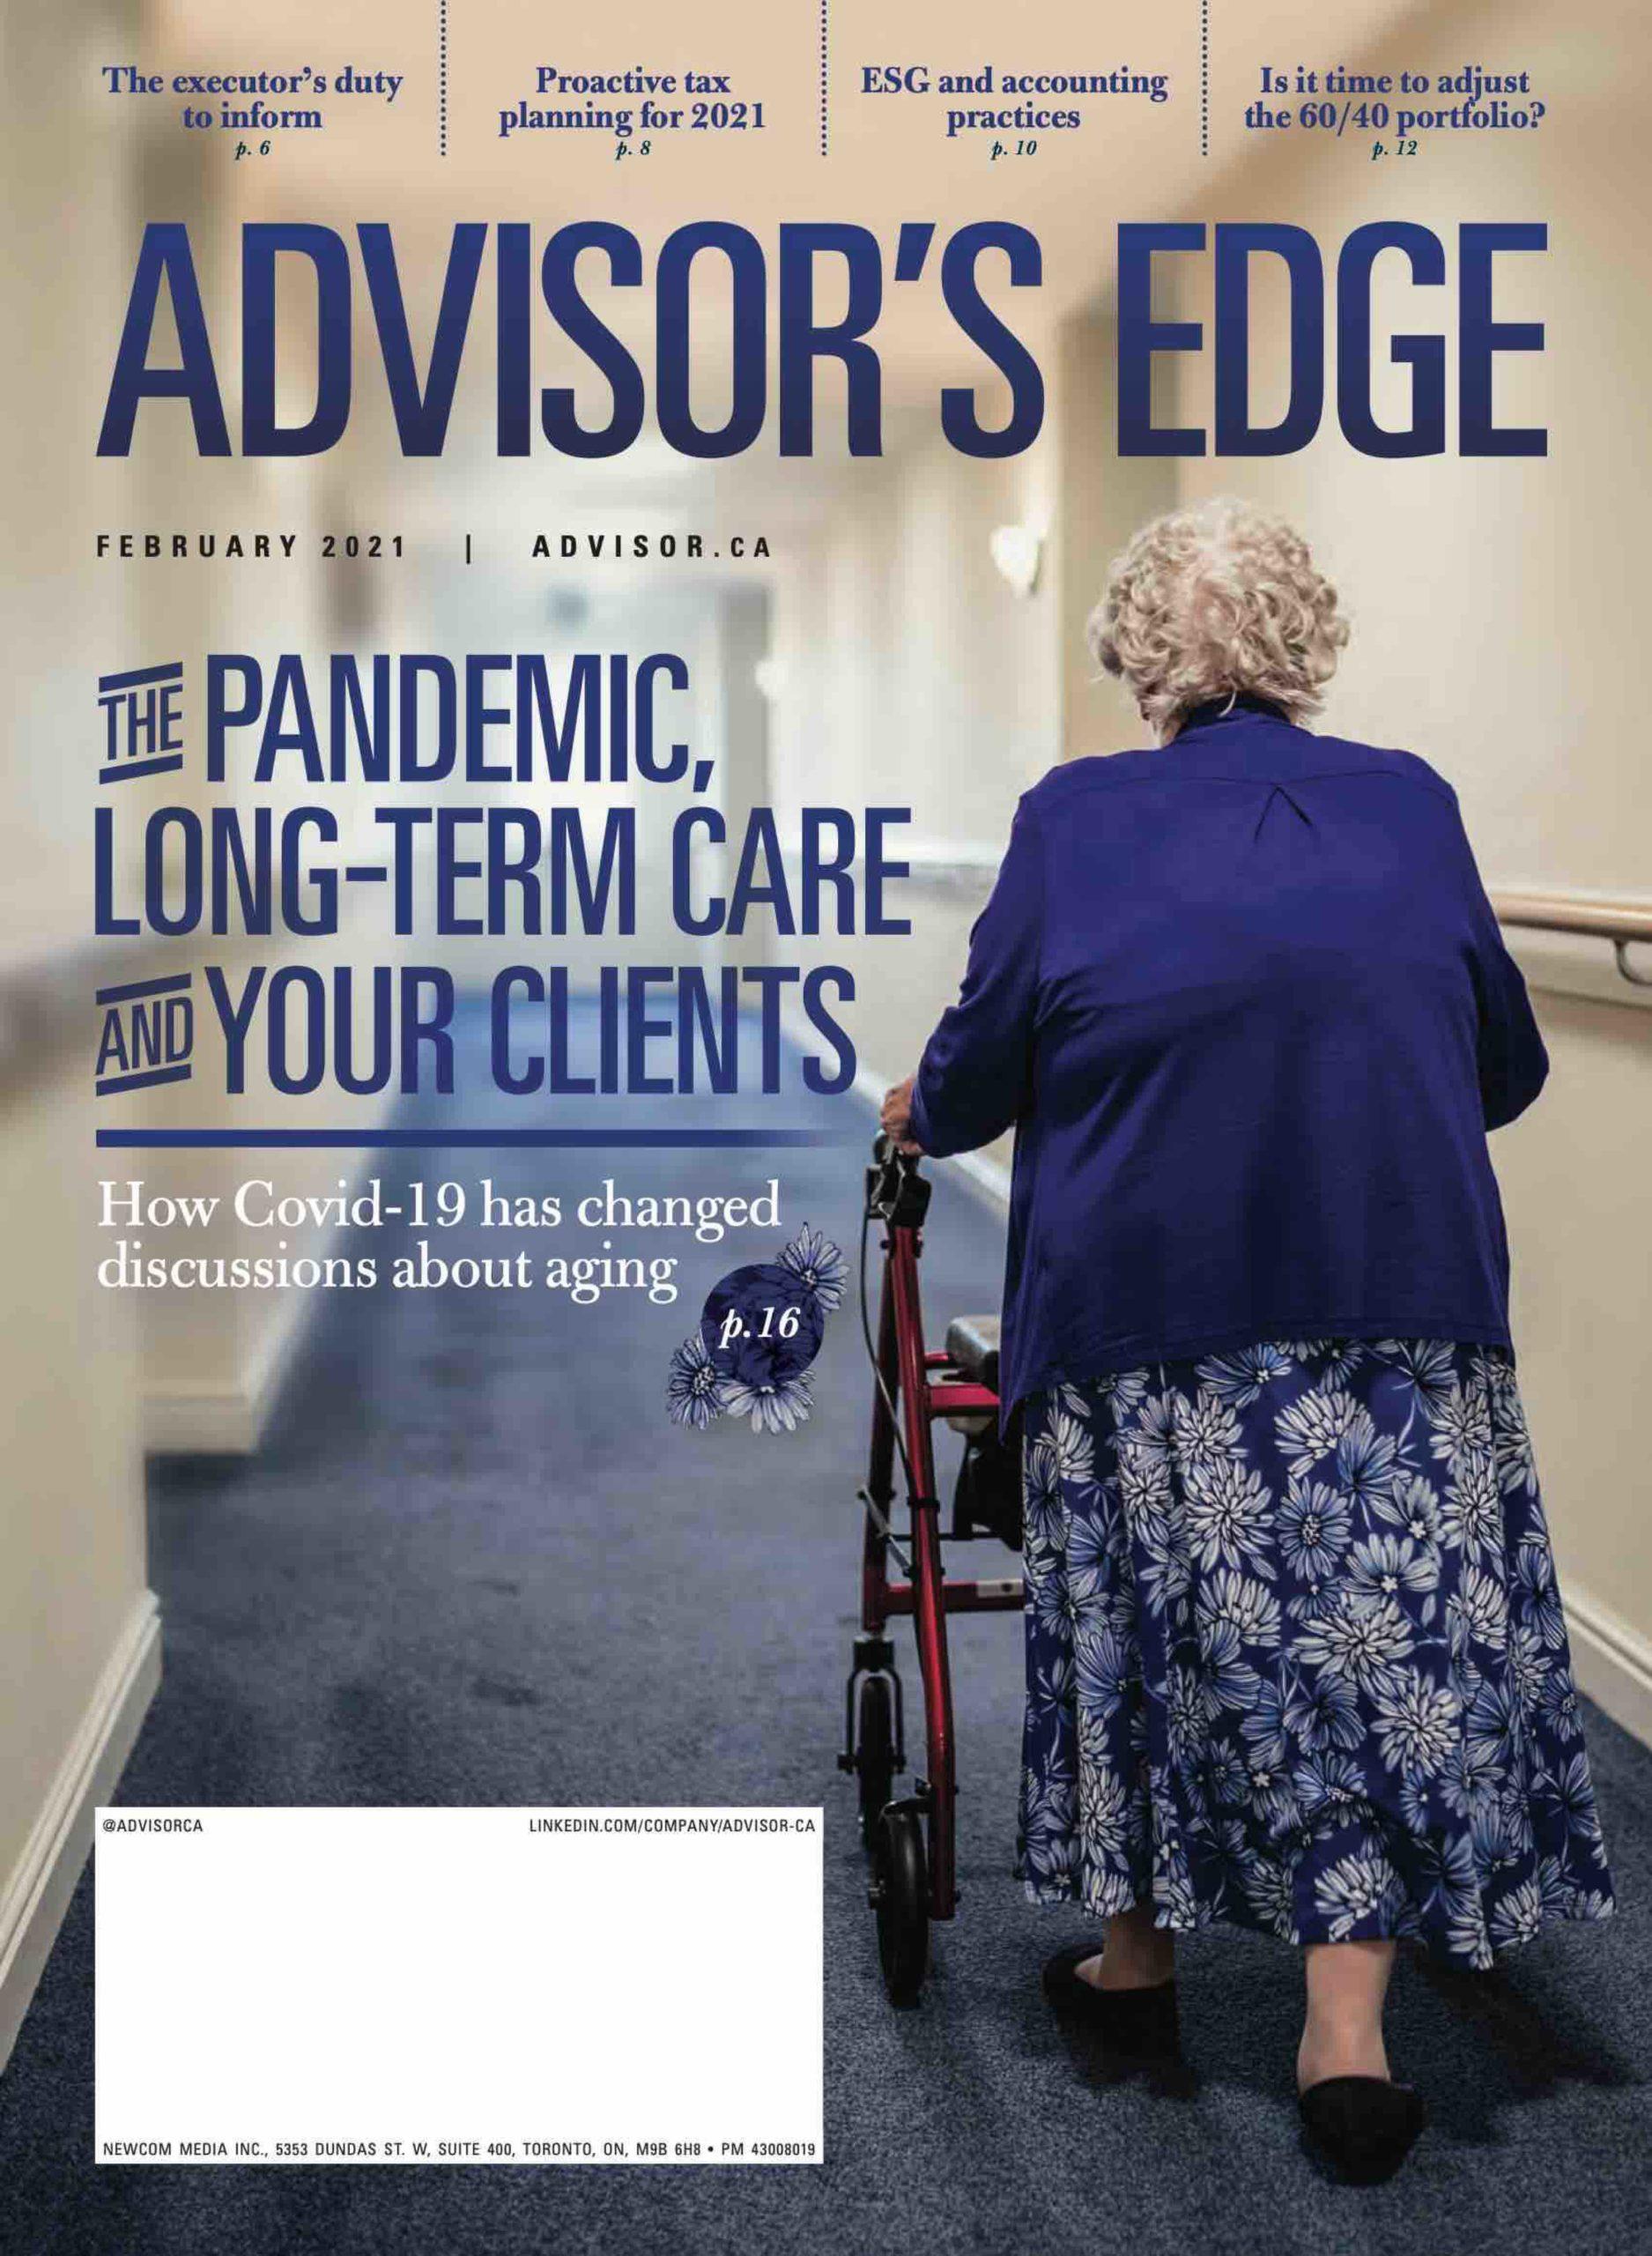 Advisor's Edge – 8 février 2021